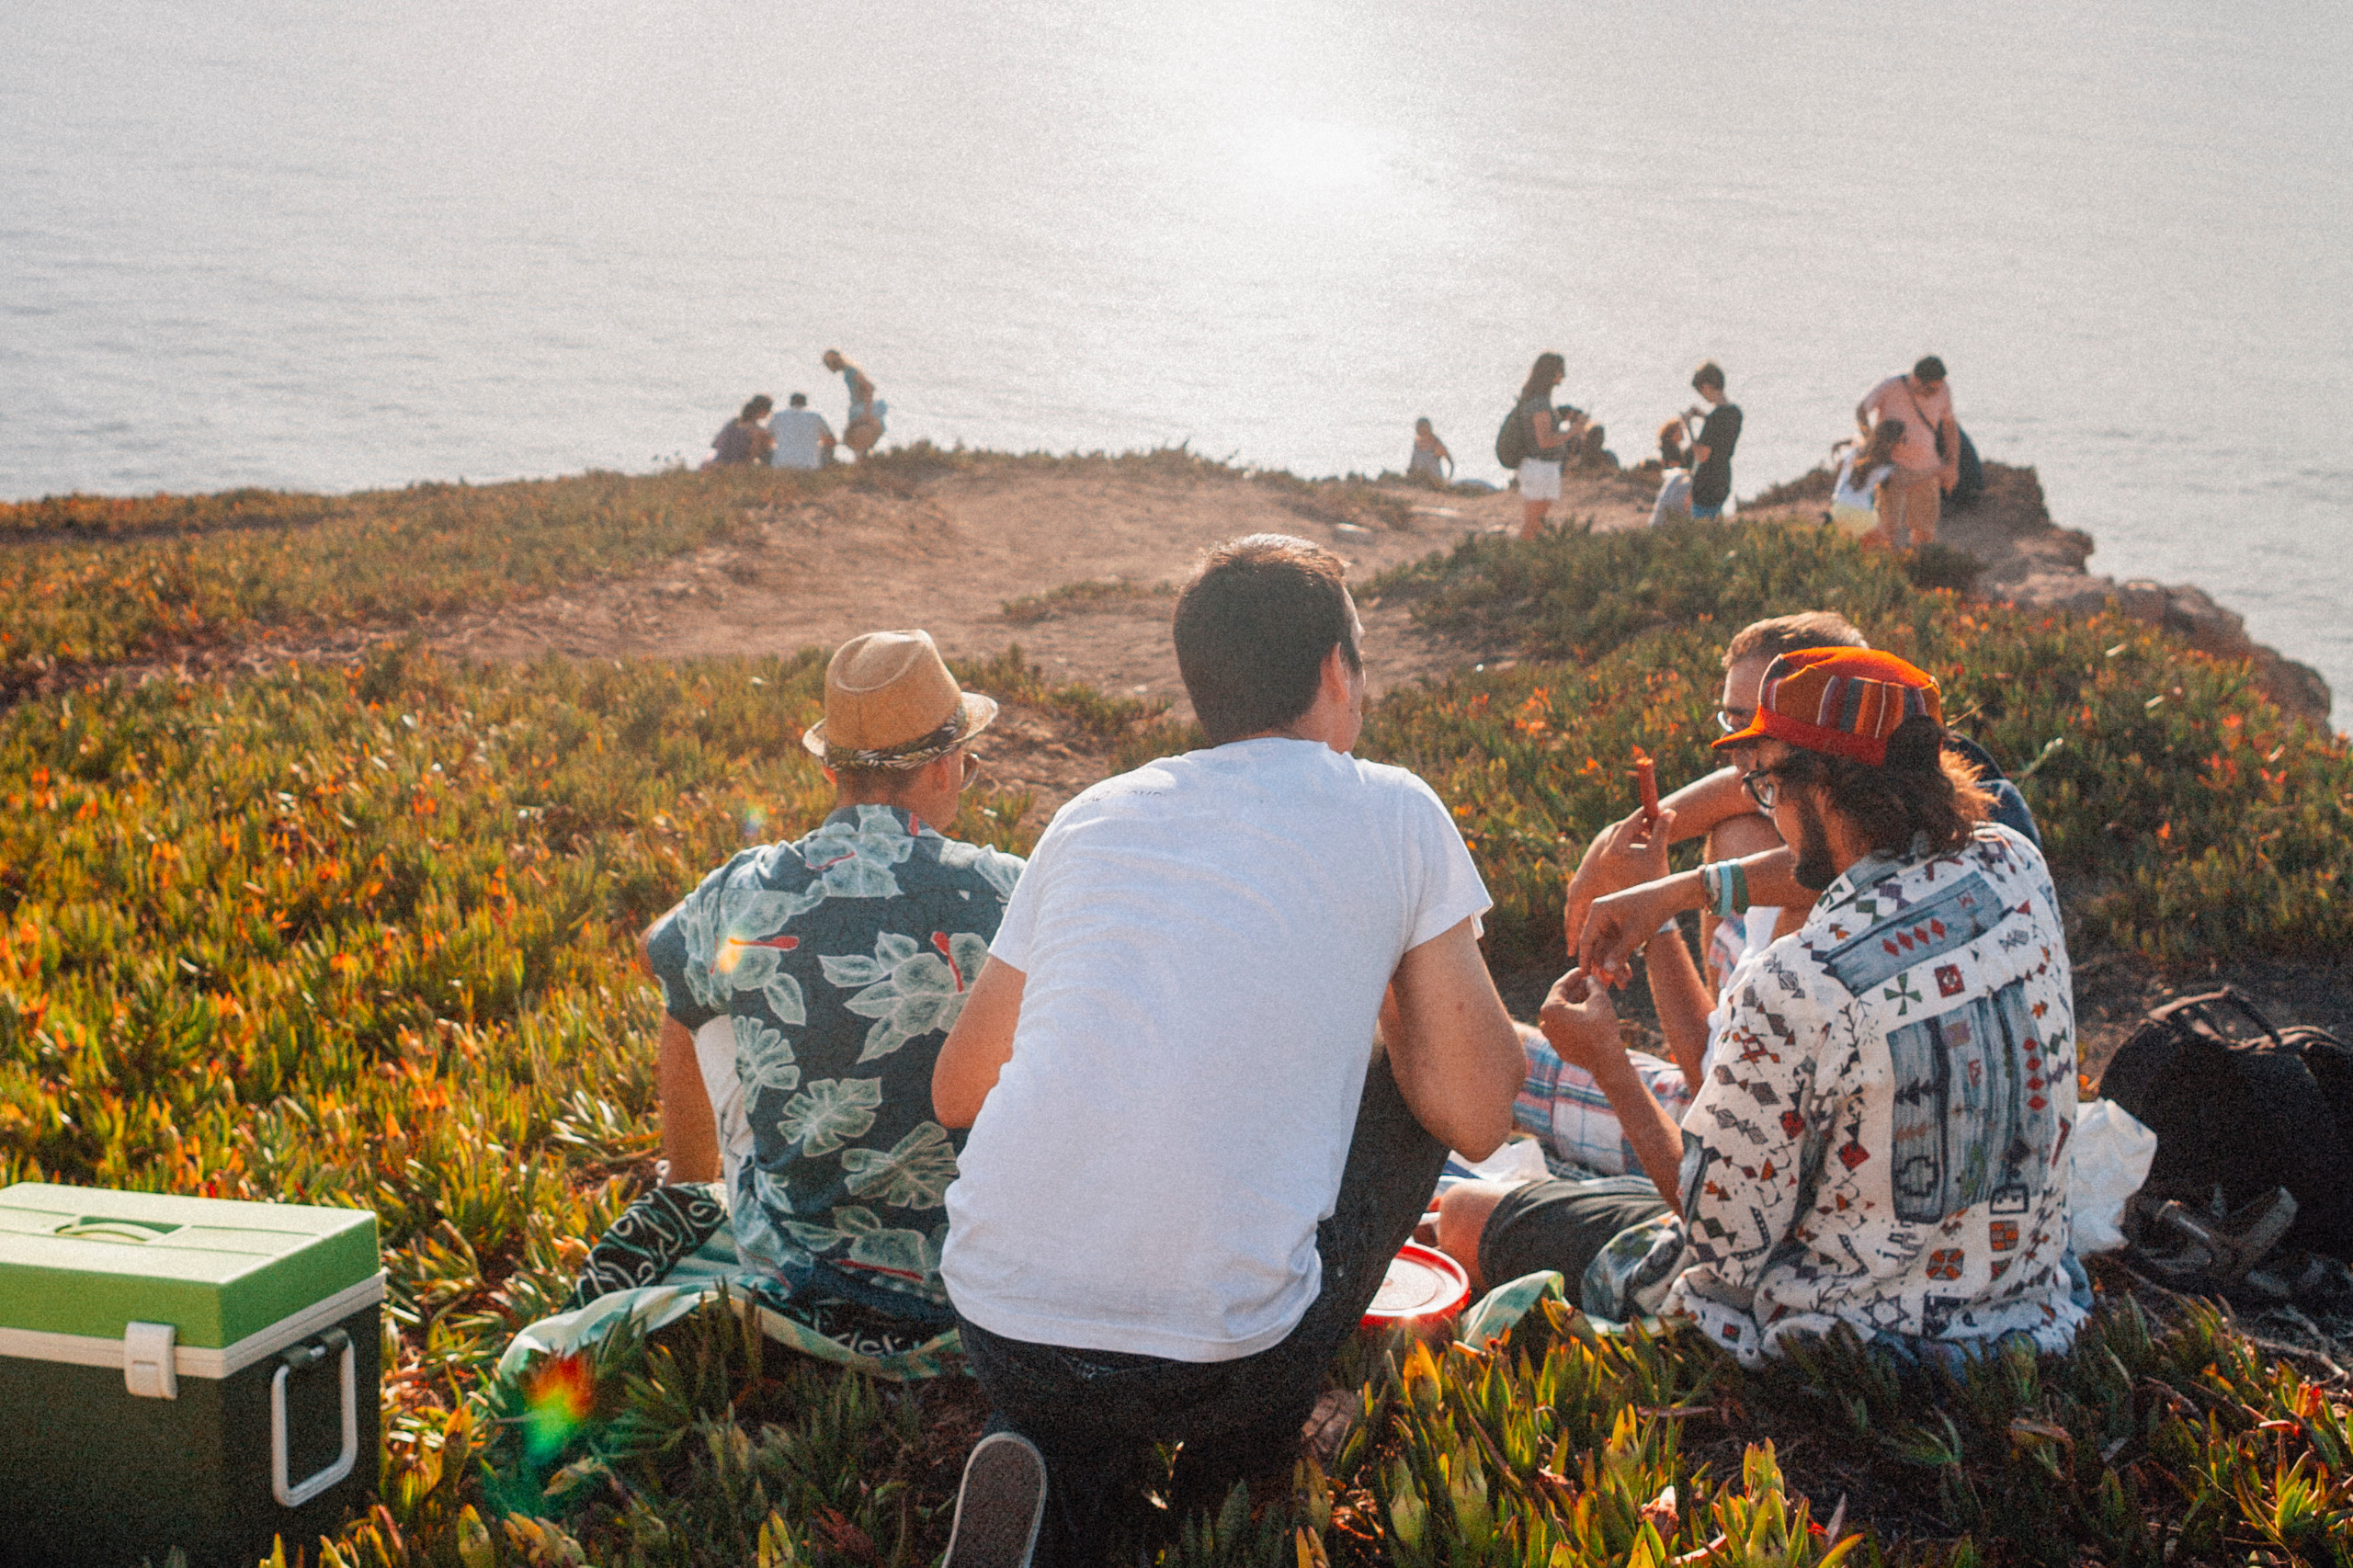 Funchal, Aljezur e Gaia são as cidades mais hospitaleiras de Portugal dizem os viajantes que usam Airbnb